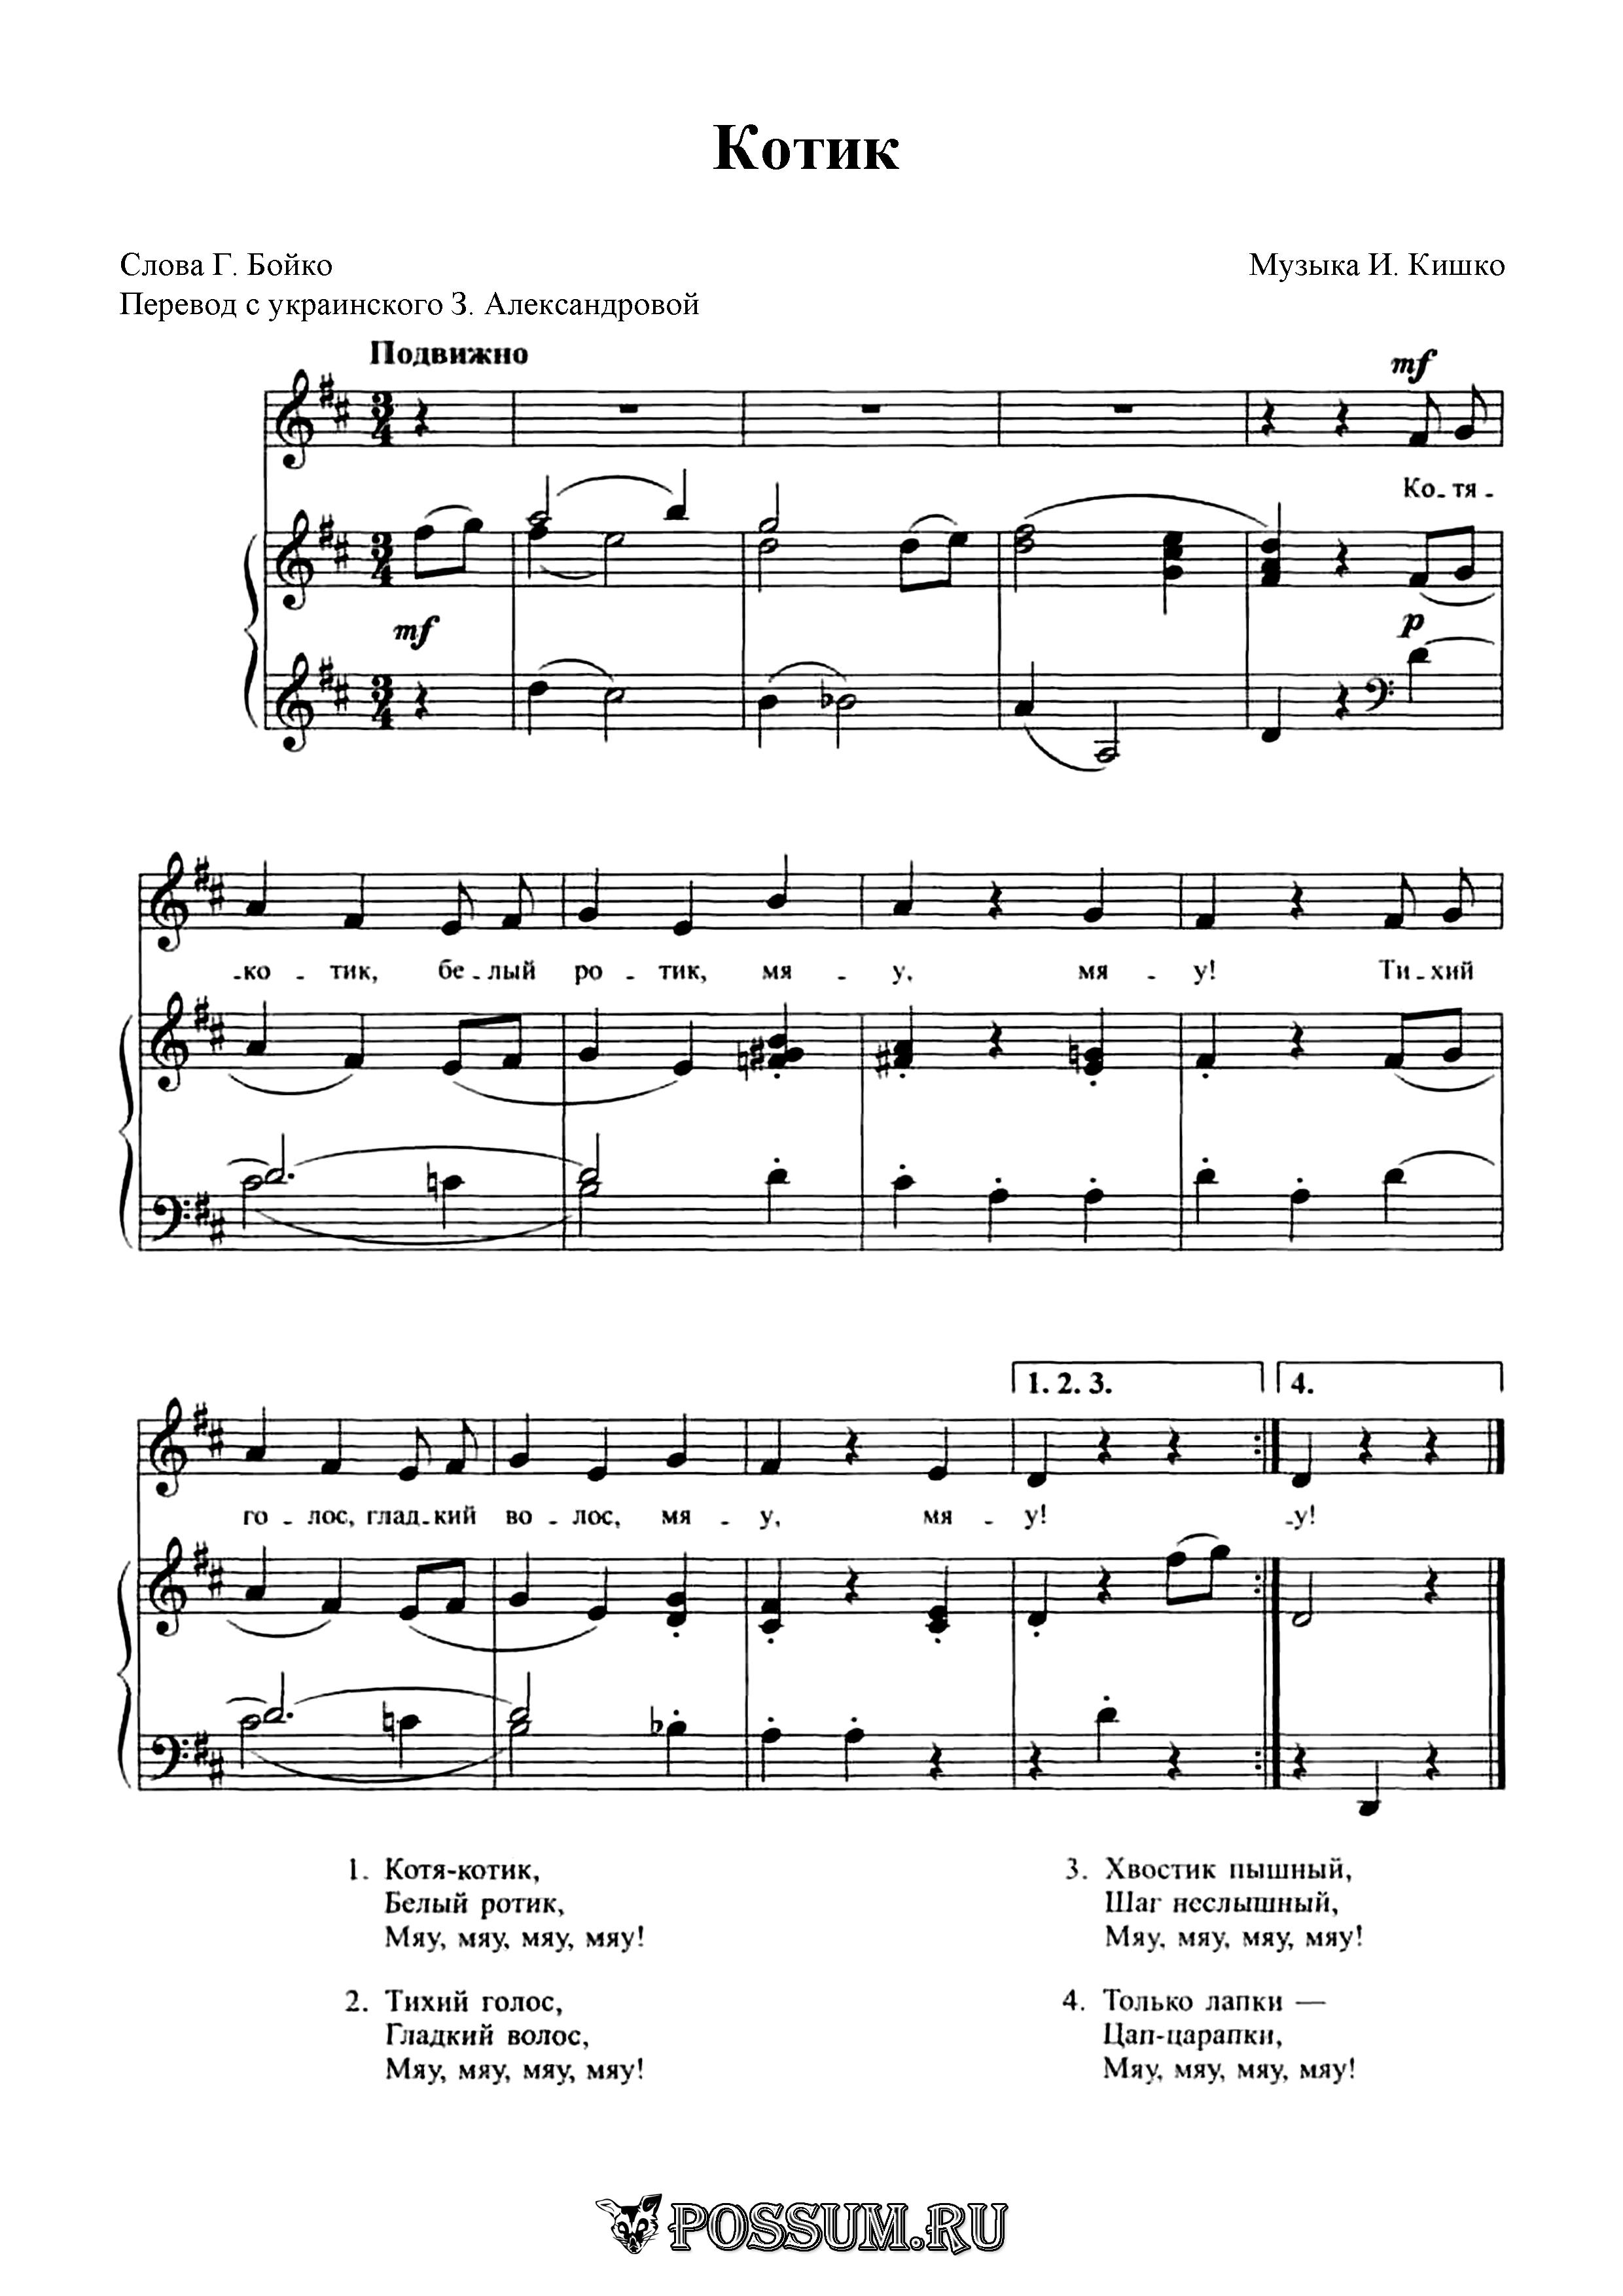 Русские детские народные песни скачать бесплатно mp3